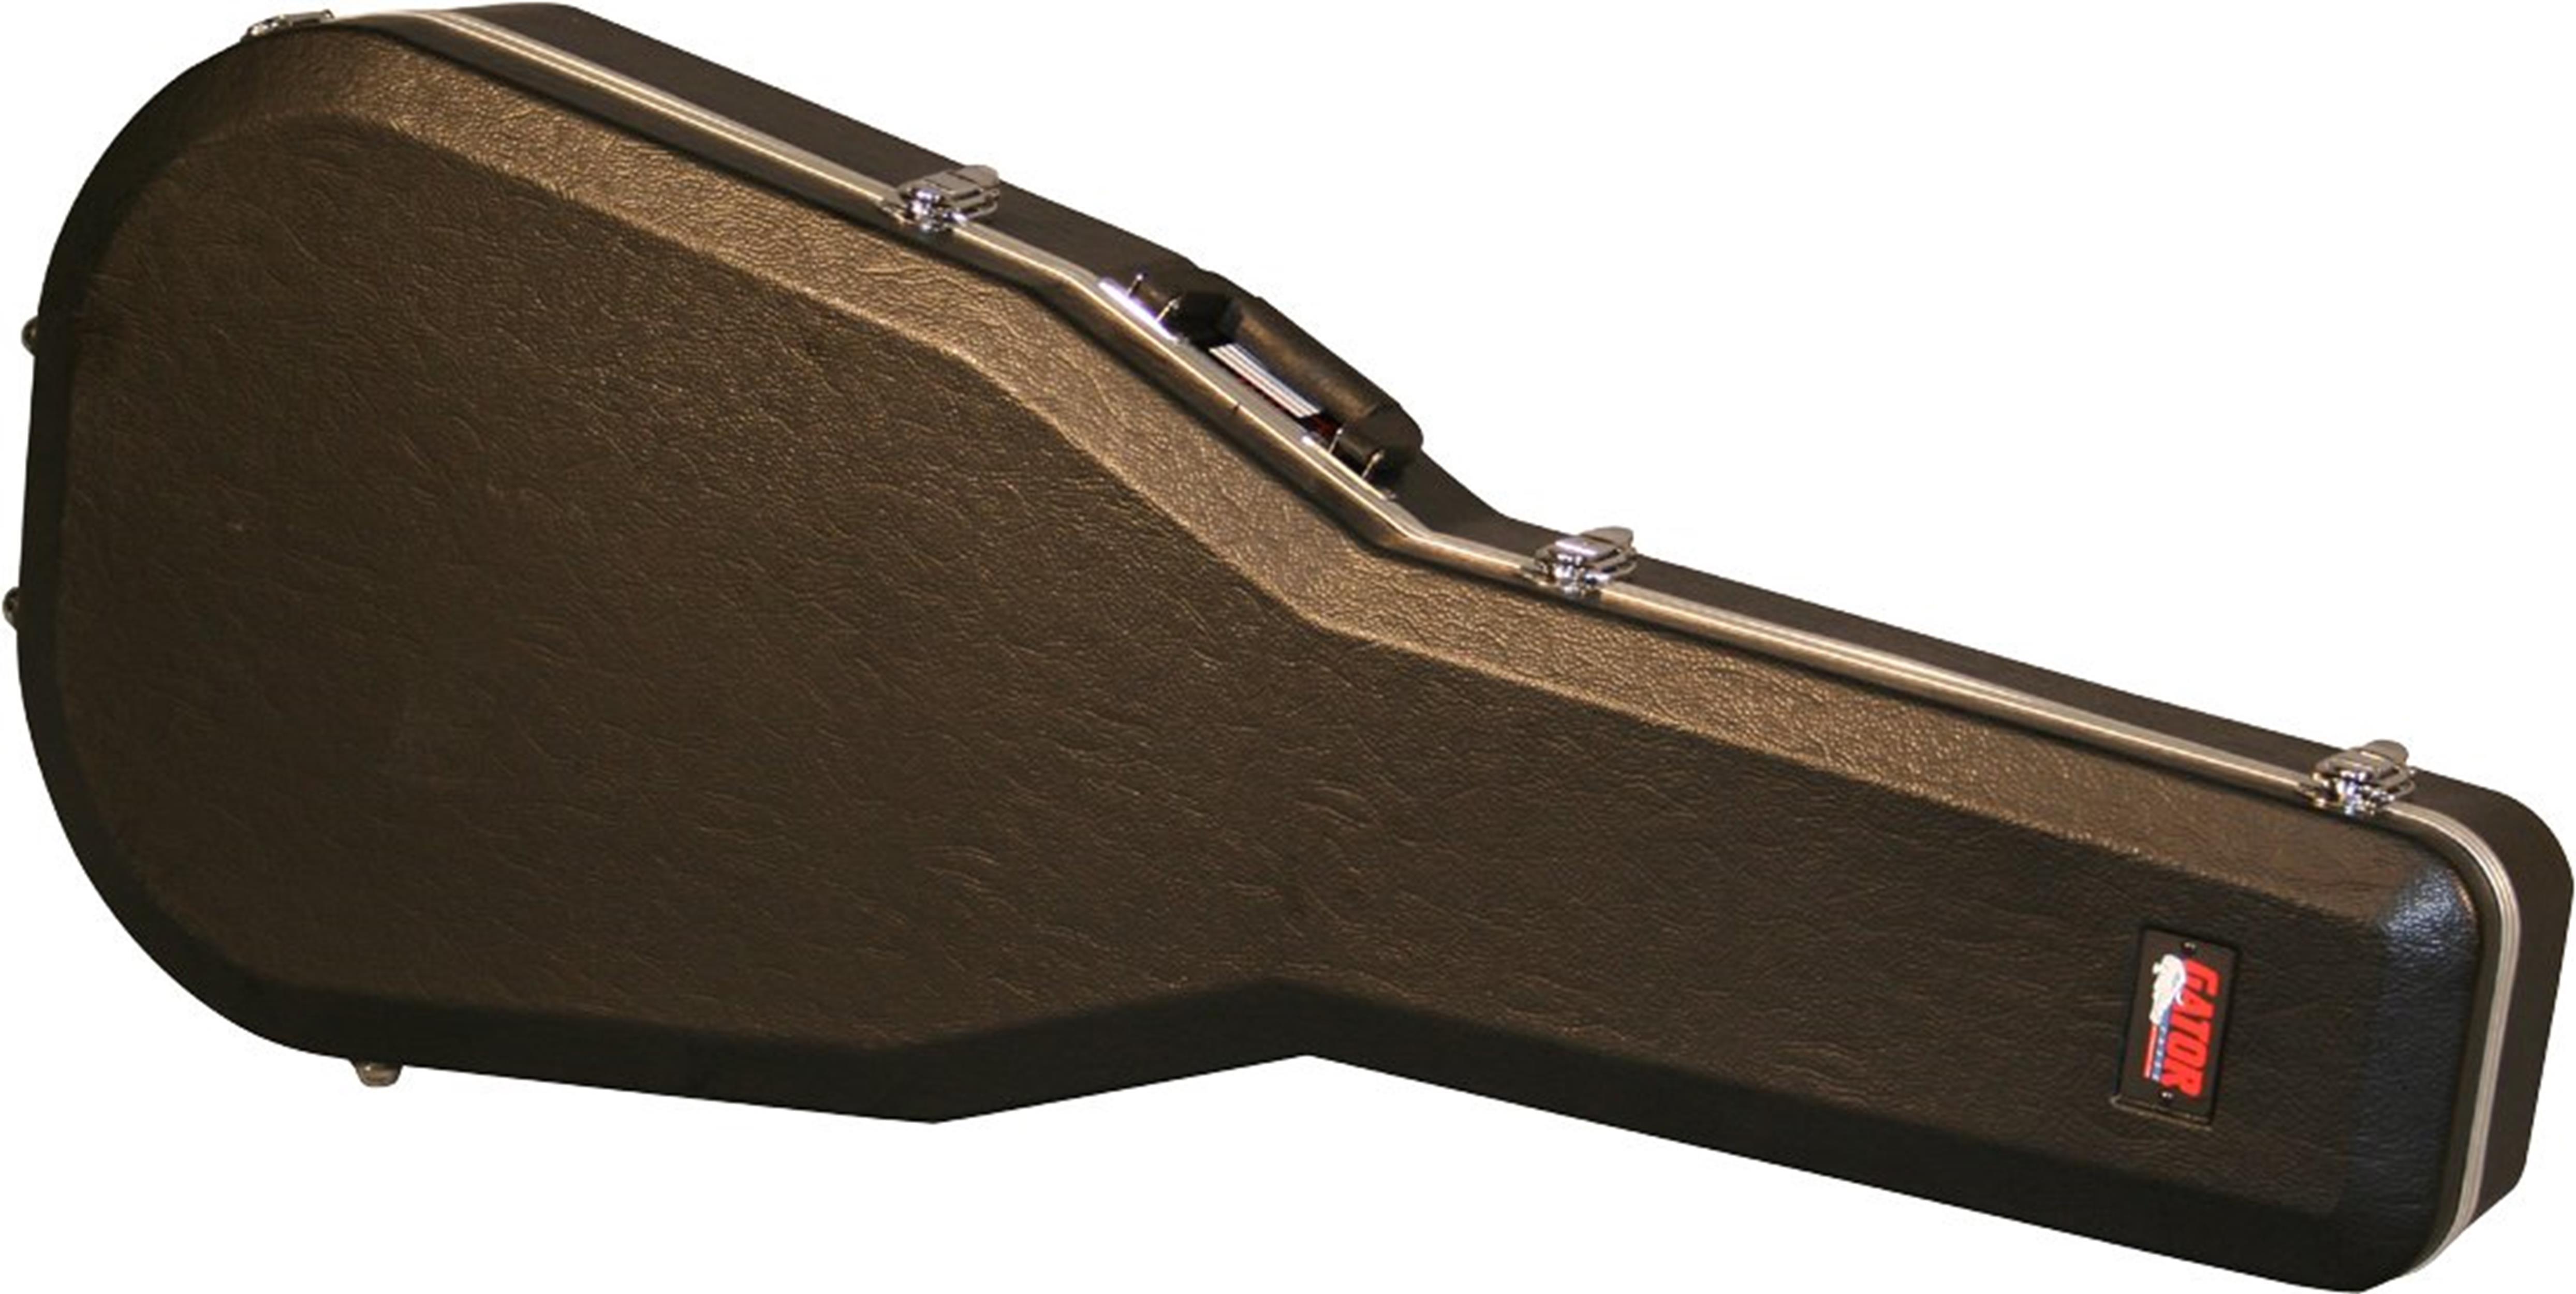 Gator-Cases-GC-DREAD-12-astuccio-per-chitarra-acustica-dreadnought-12-corde-sku-2757722415007